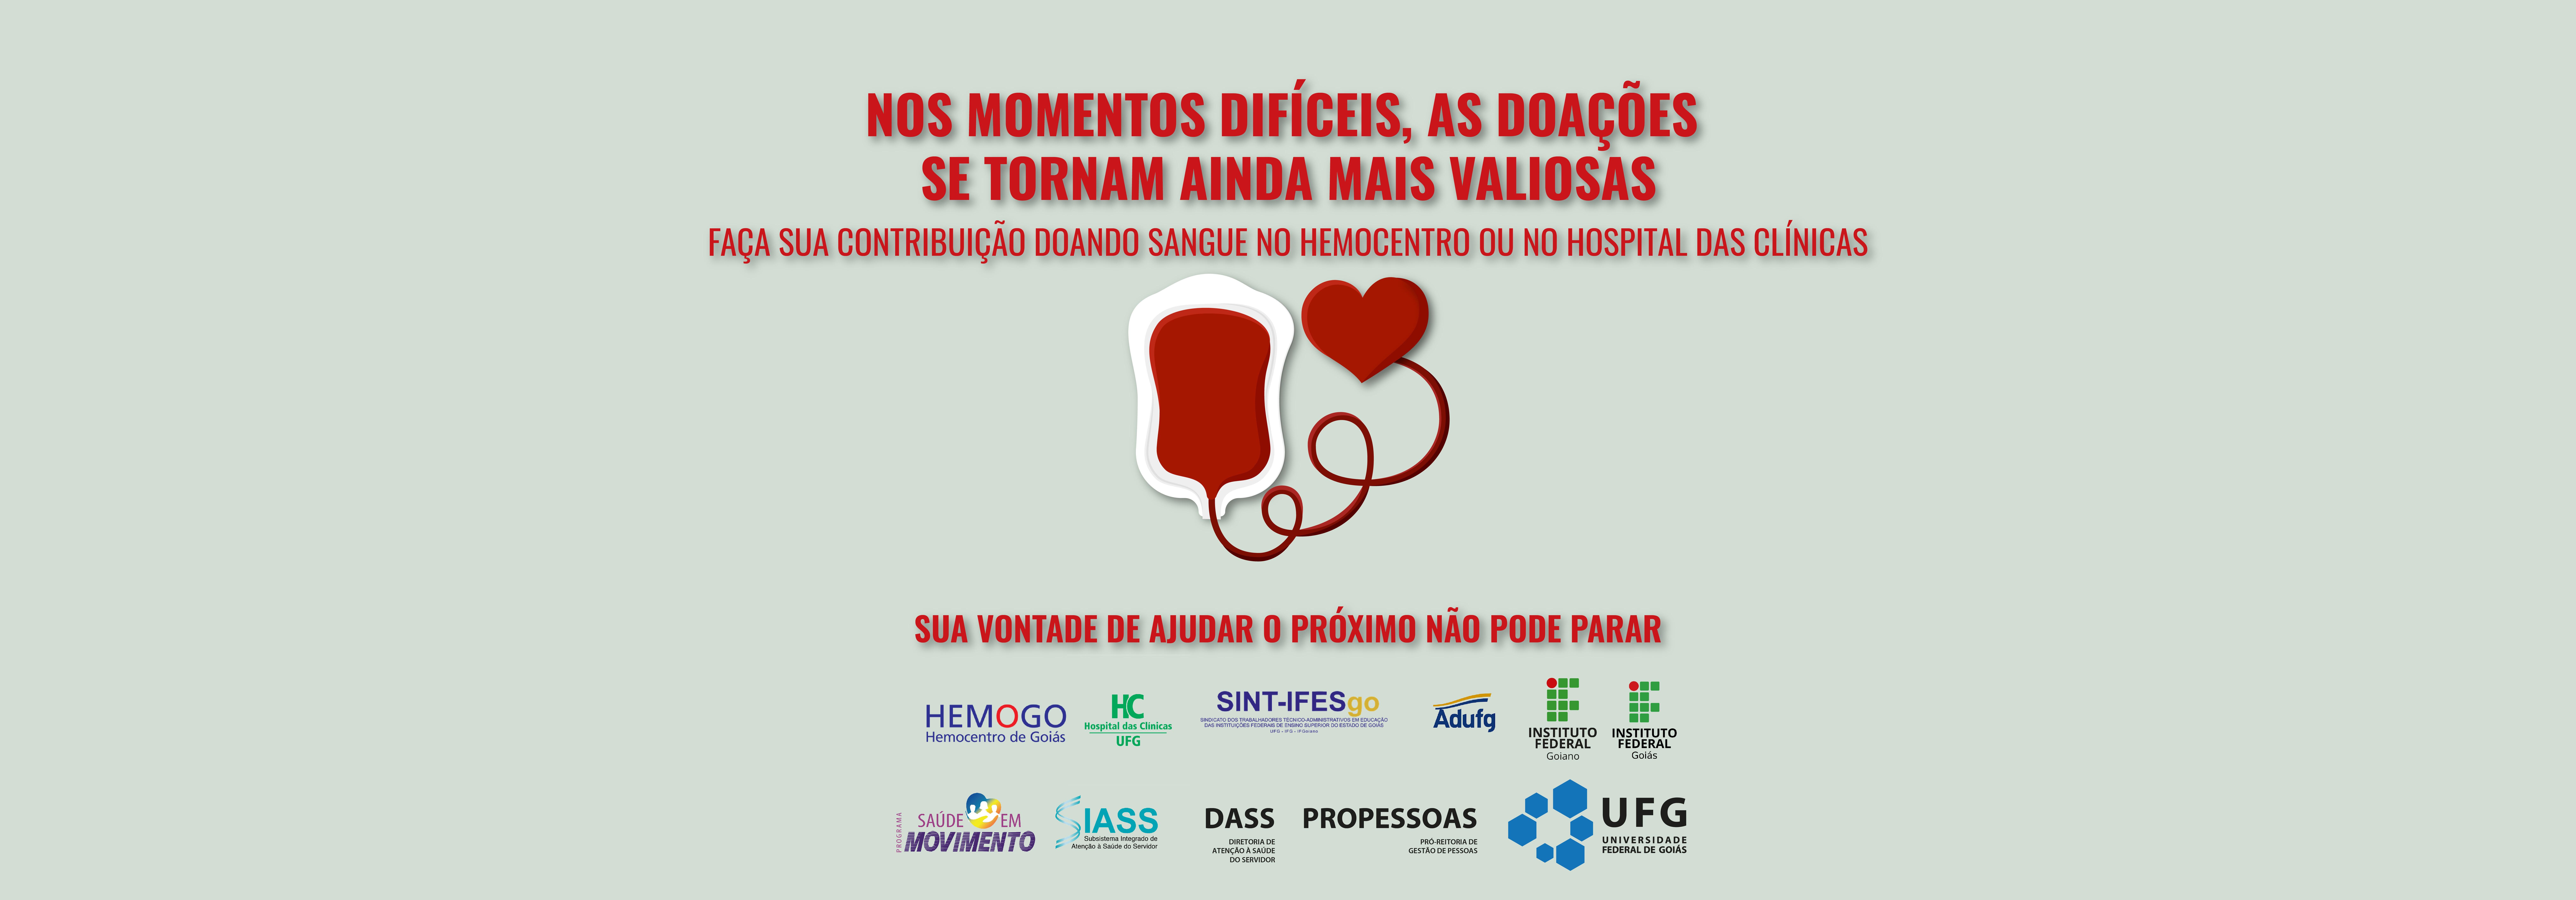 Campanha doação de sangue HC Hemocentro